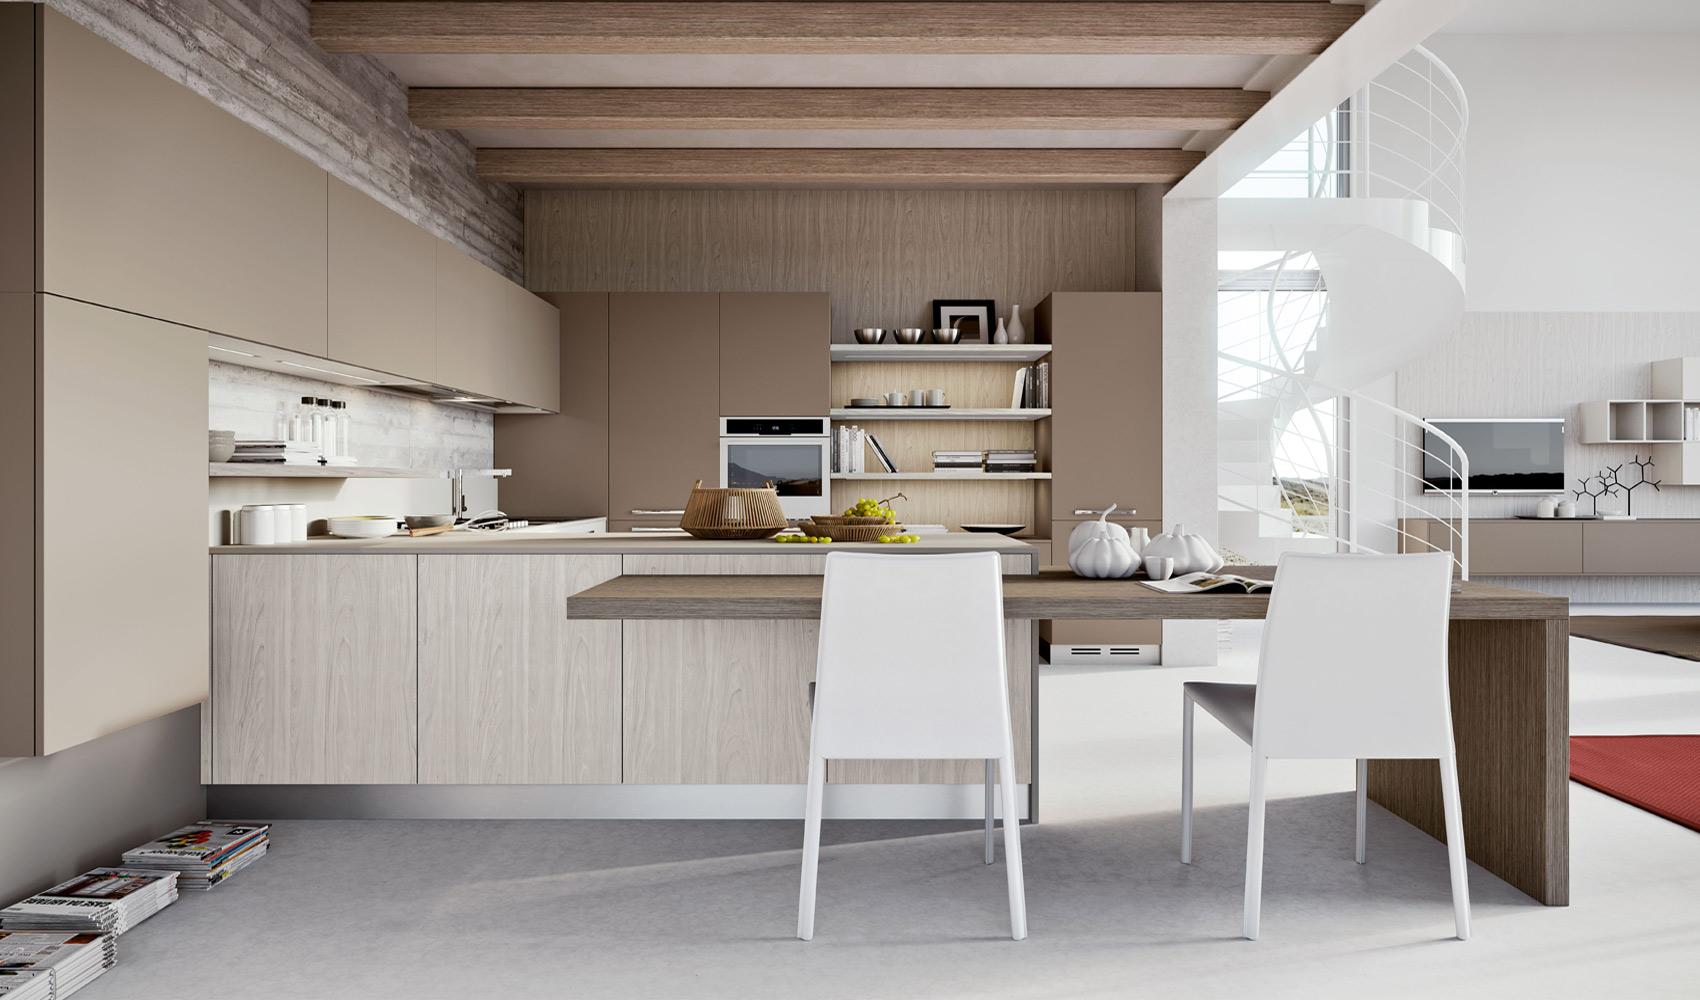 Дизайн кухни цвета ванили